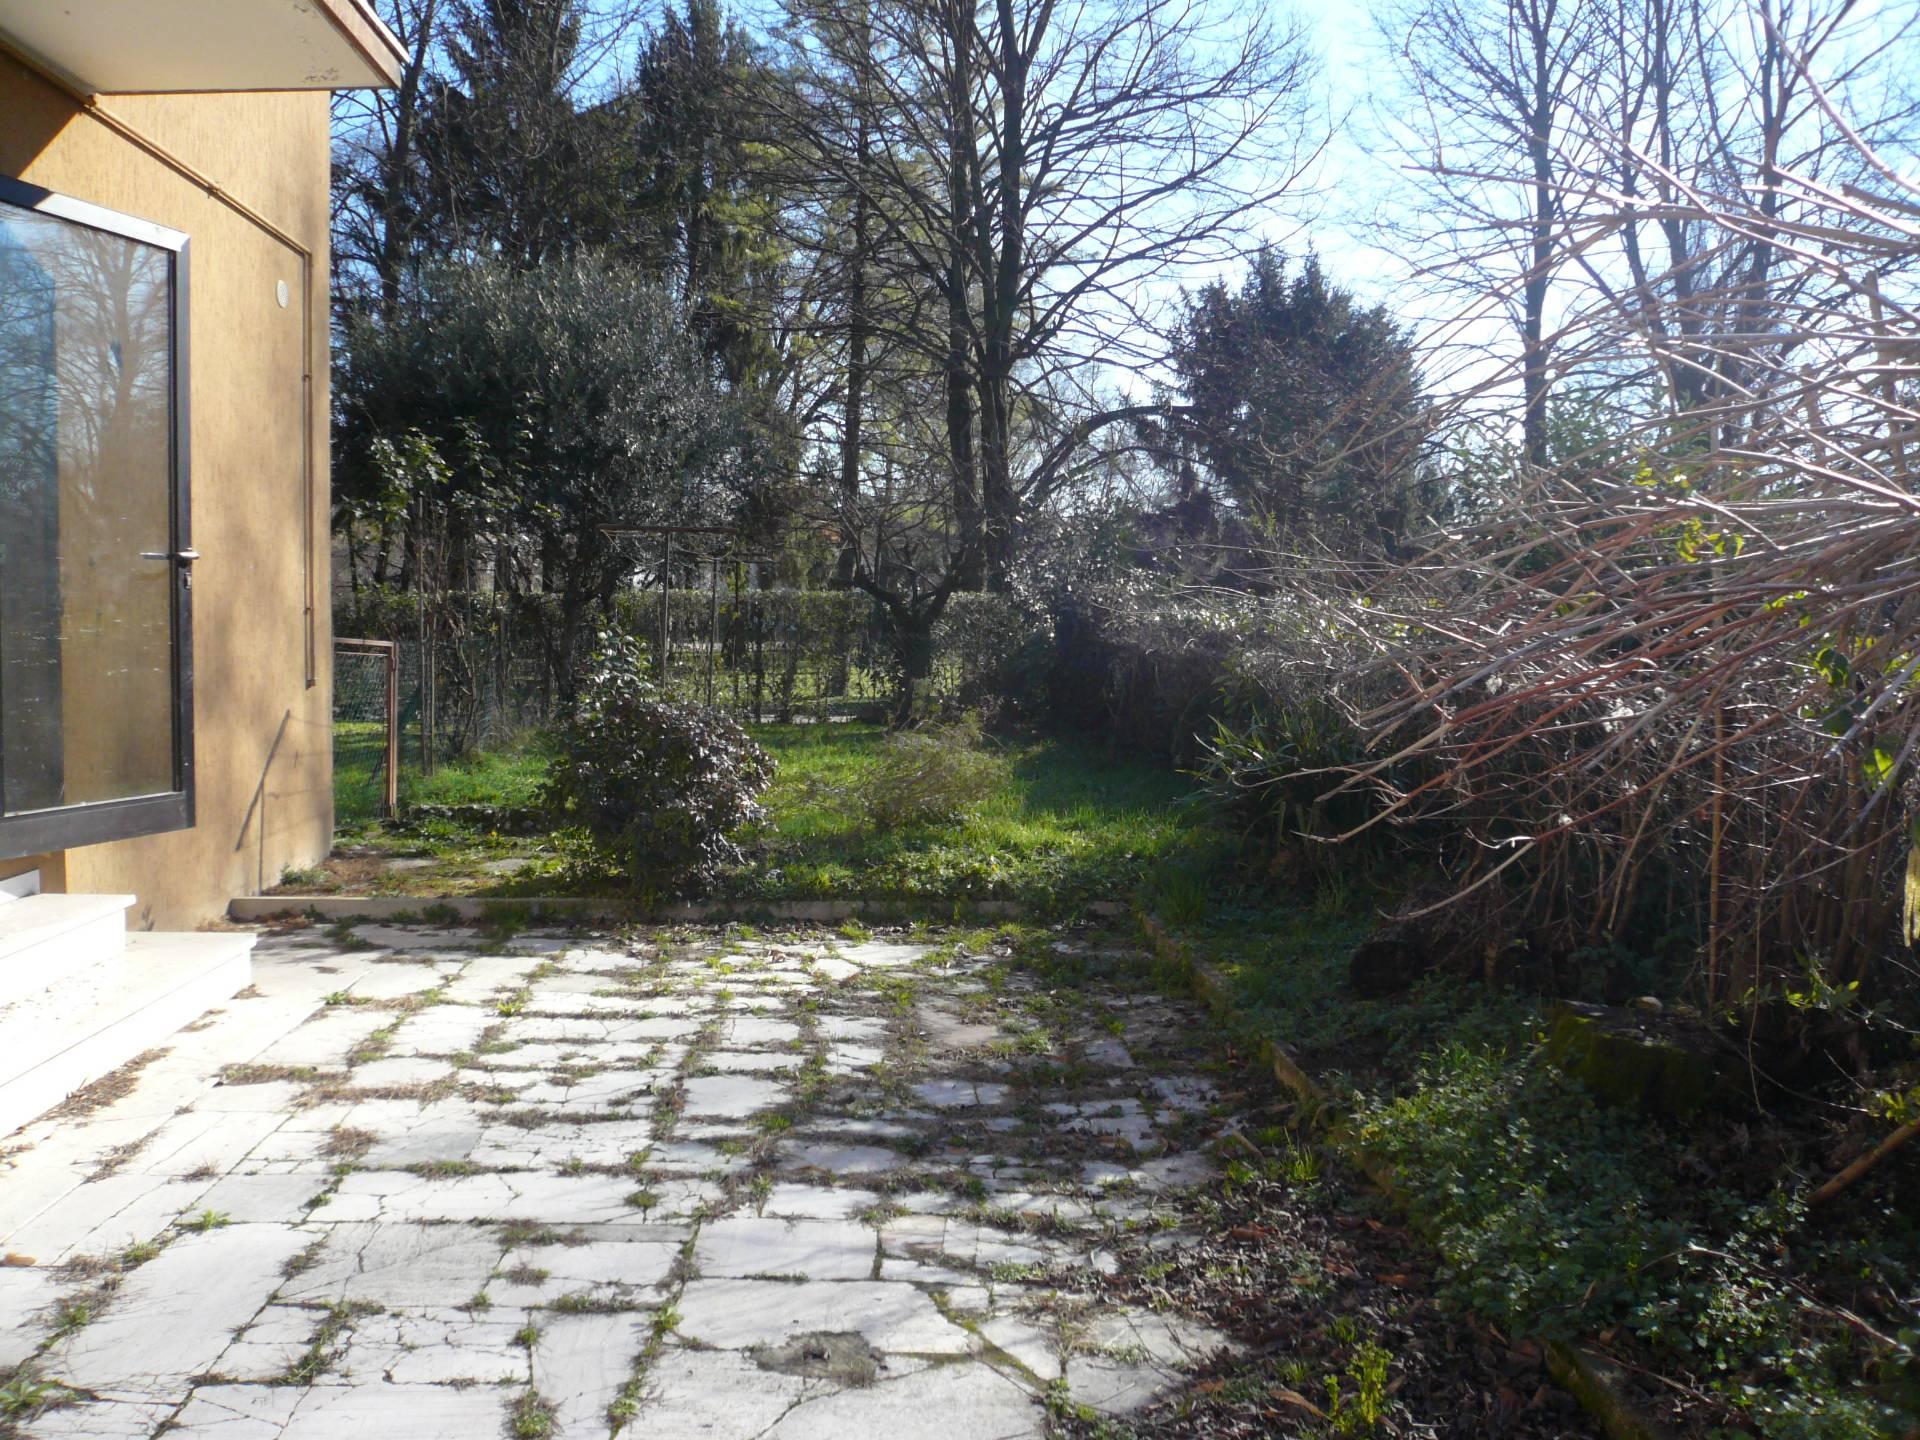 Appartamento in vendita a San Biagio di Callalta, 5 locali, zona Località: Olmi, prezzo € 120.000 | Cambio Casa.it